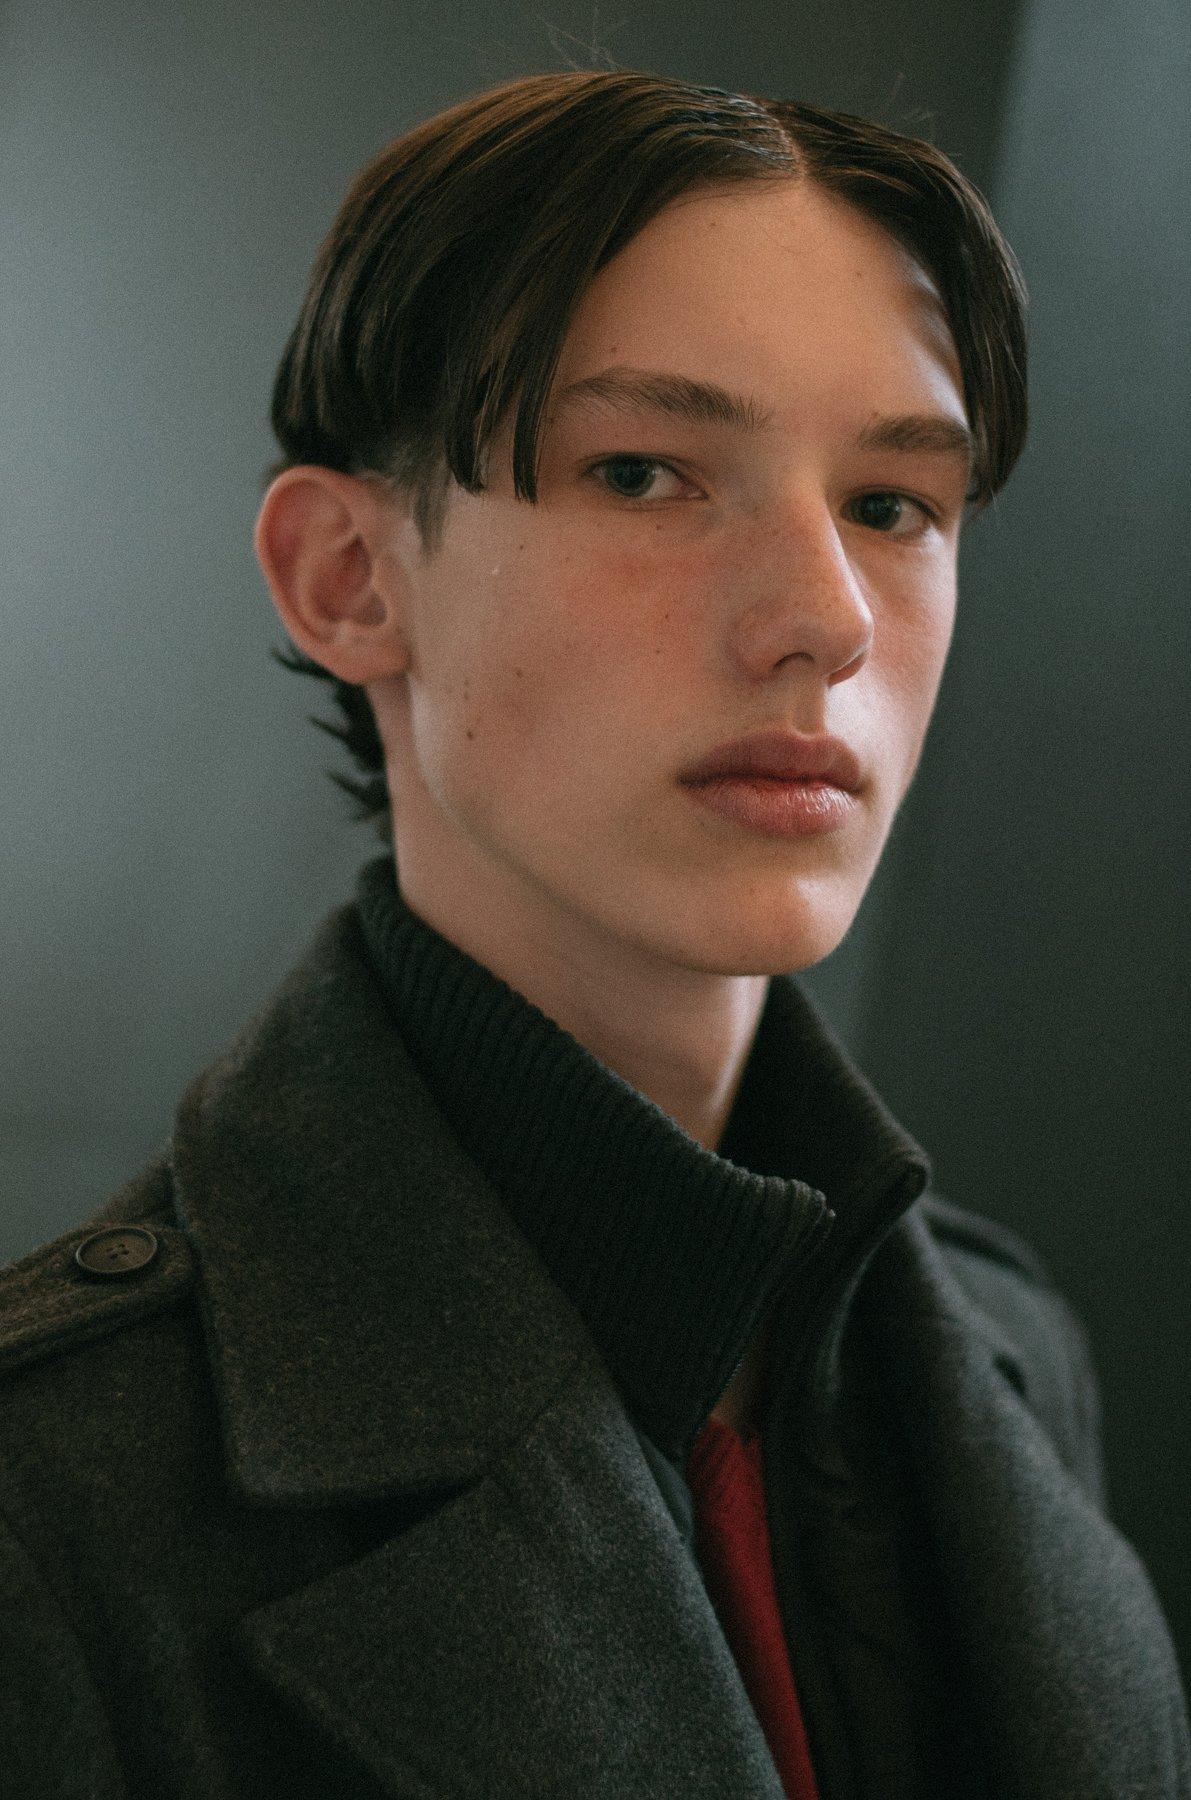 портрет человек свет fashion свет взгляд парень man пальто образ, Иванов Юрий